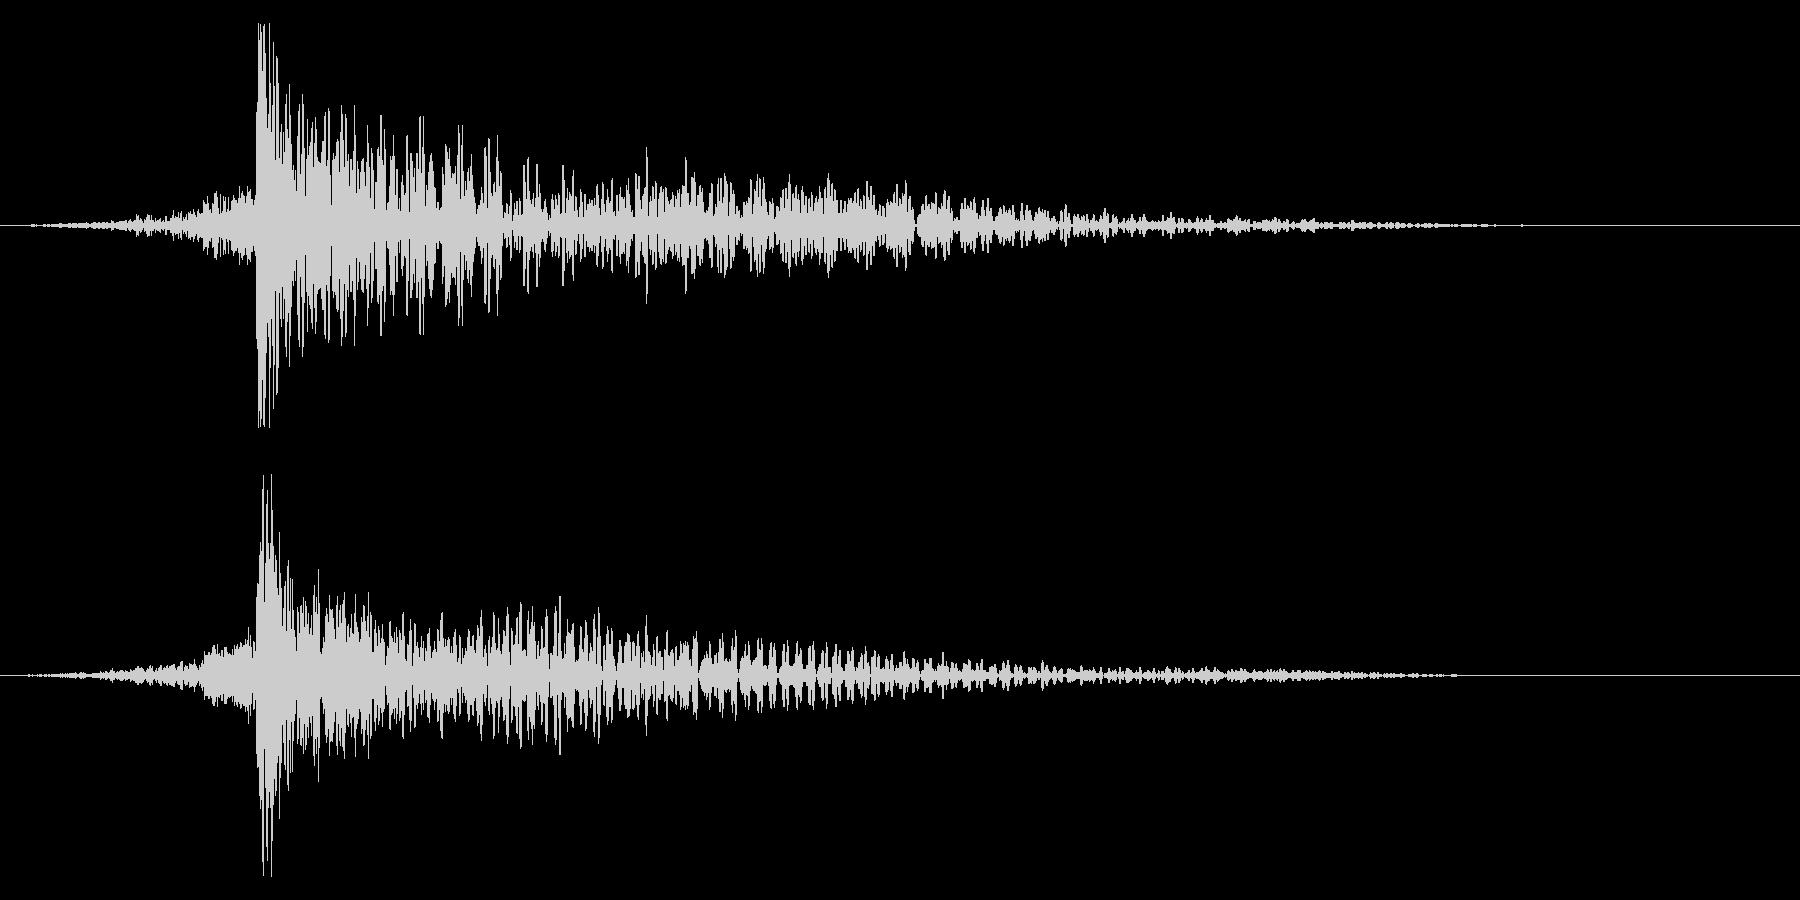 ホラー系アタック音108の未再生の波形